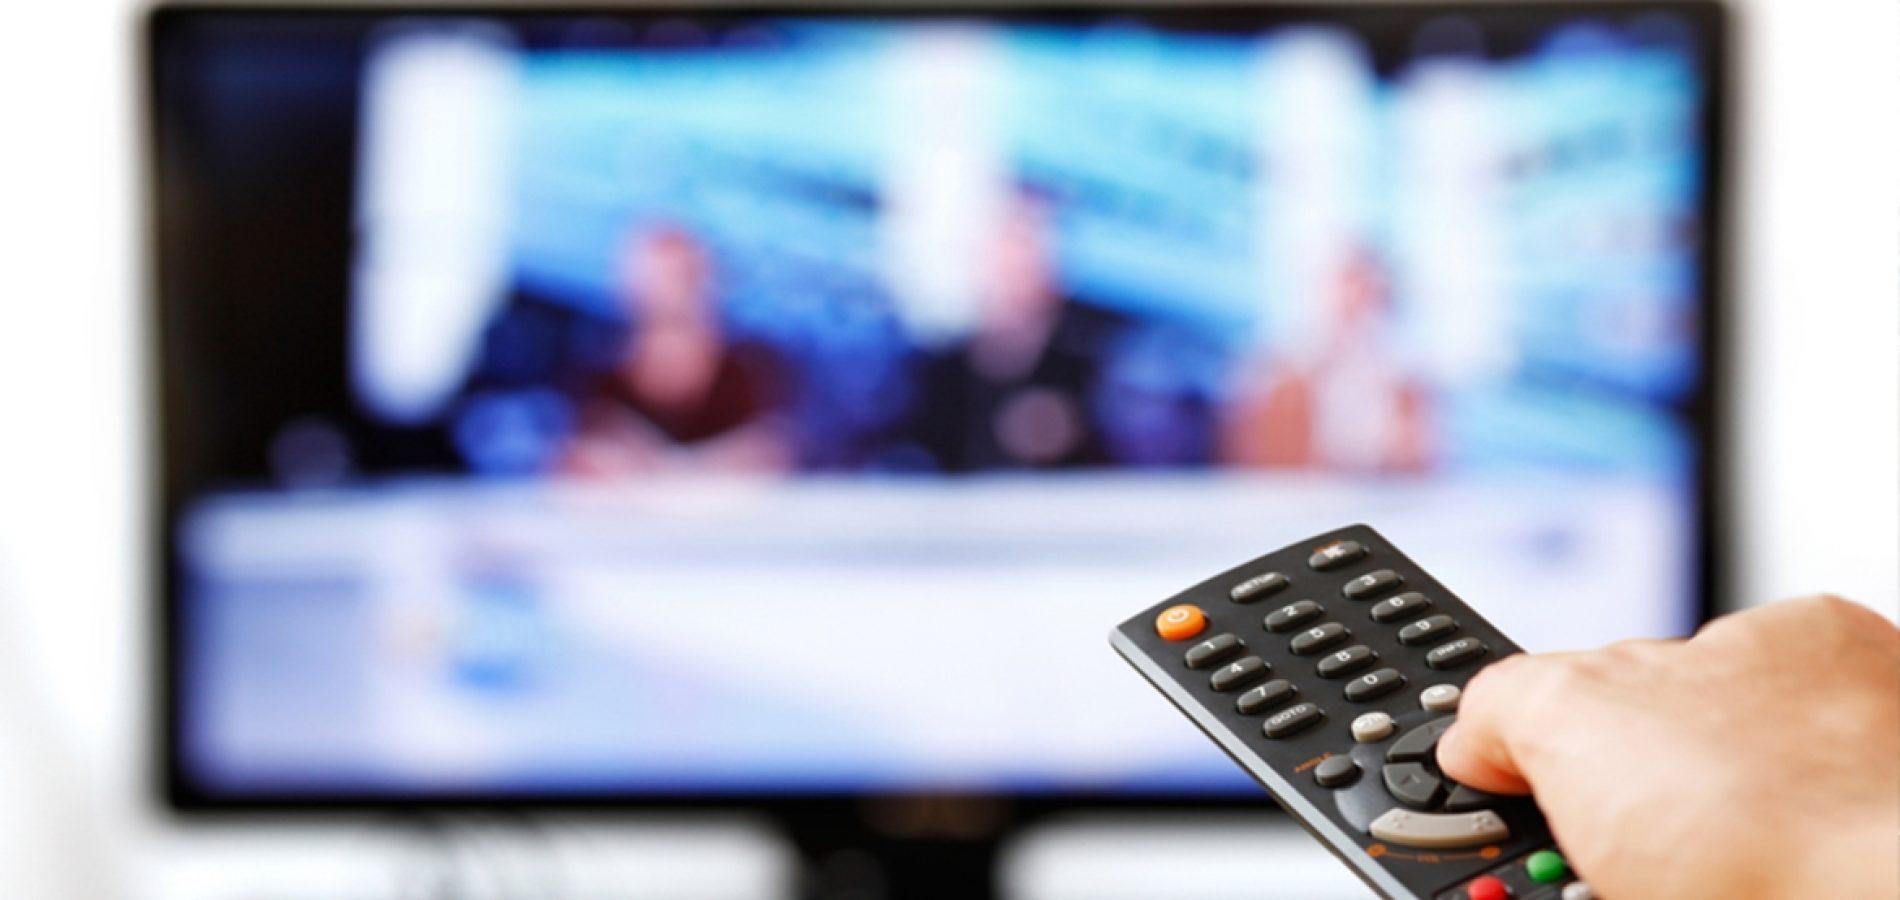 Seis cidades do Piauí passam a contar somente com sinal digital de TV